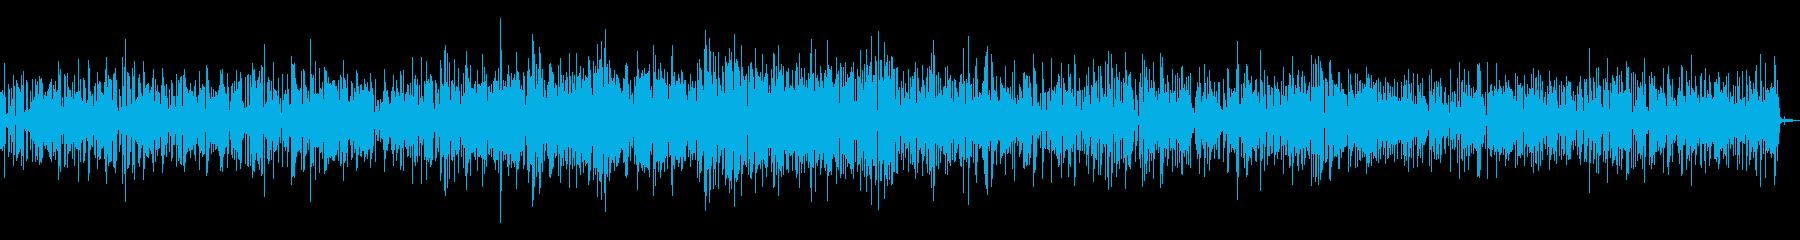 ミドルテンポのさわやかなブルースの再生済みの波形